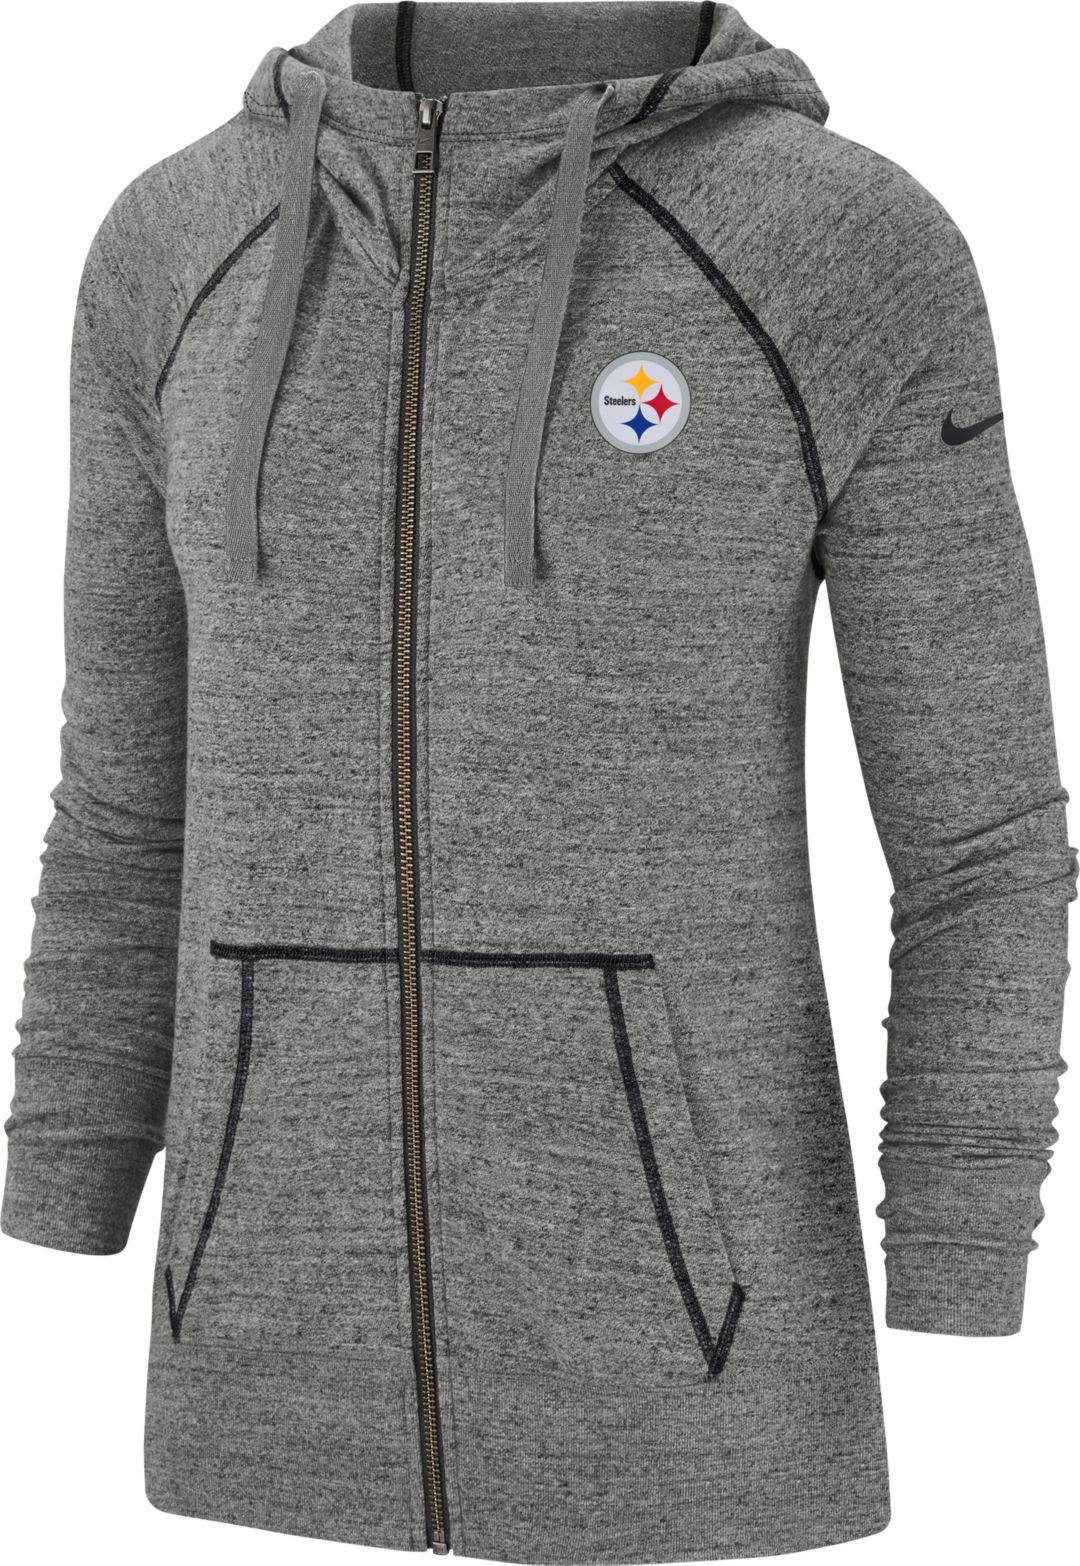 new product fe488 b4287 Nike Women's Pittsburgh Steelers Vintage Grey Full-Zip Hoodie